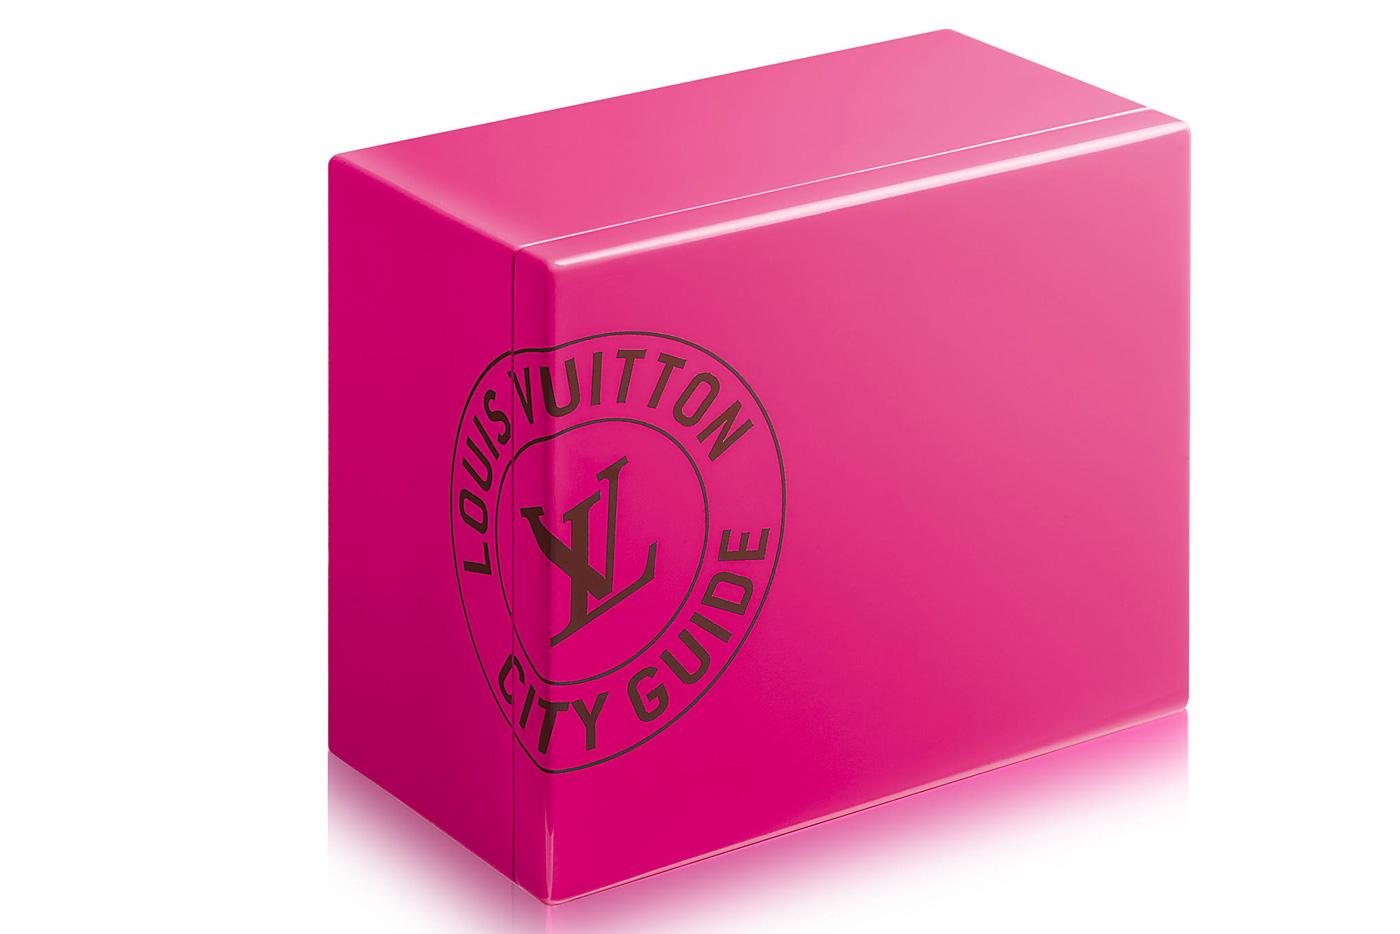 Guide-Vuitton-cofanetto